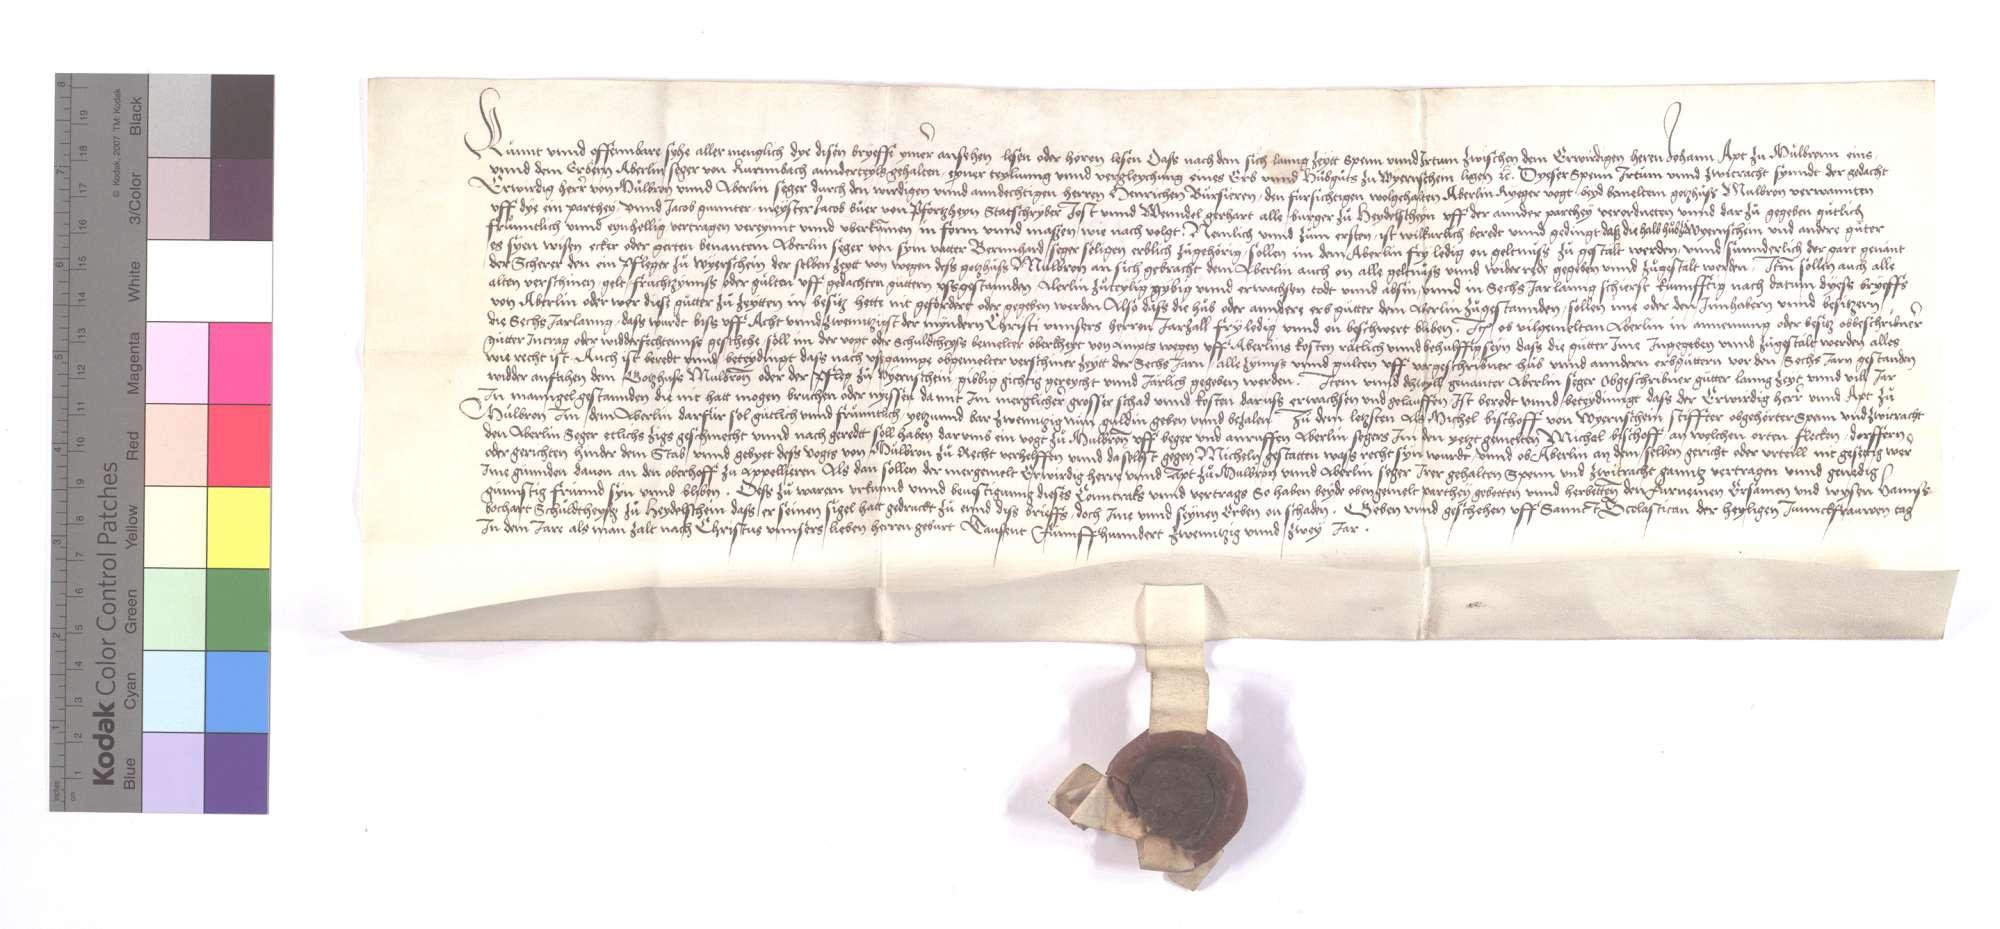 Vertrag zwischen dem Kloster Maulbronn und Aberlin Seger von Kürnbach (Kurimbach) wegen der Teilung und Vergleichung eines Hubgutes (Huobguts) in Wiernsheim., Text